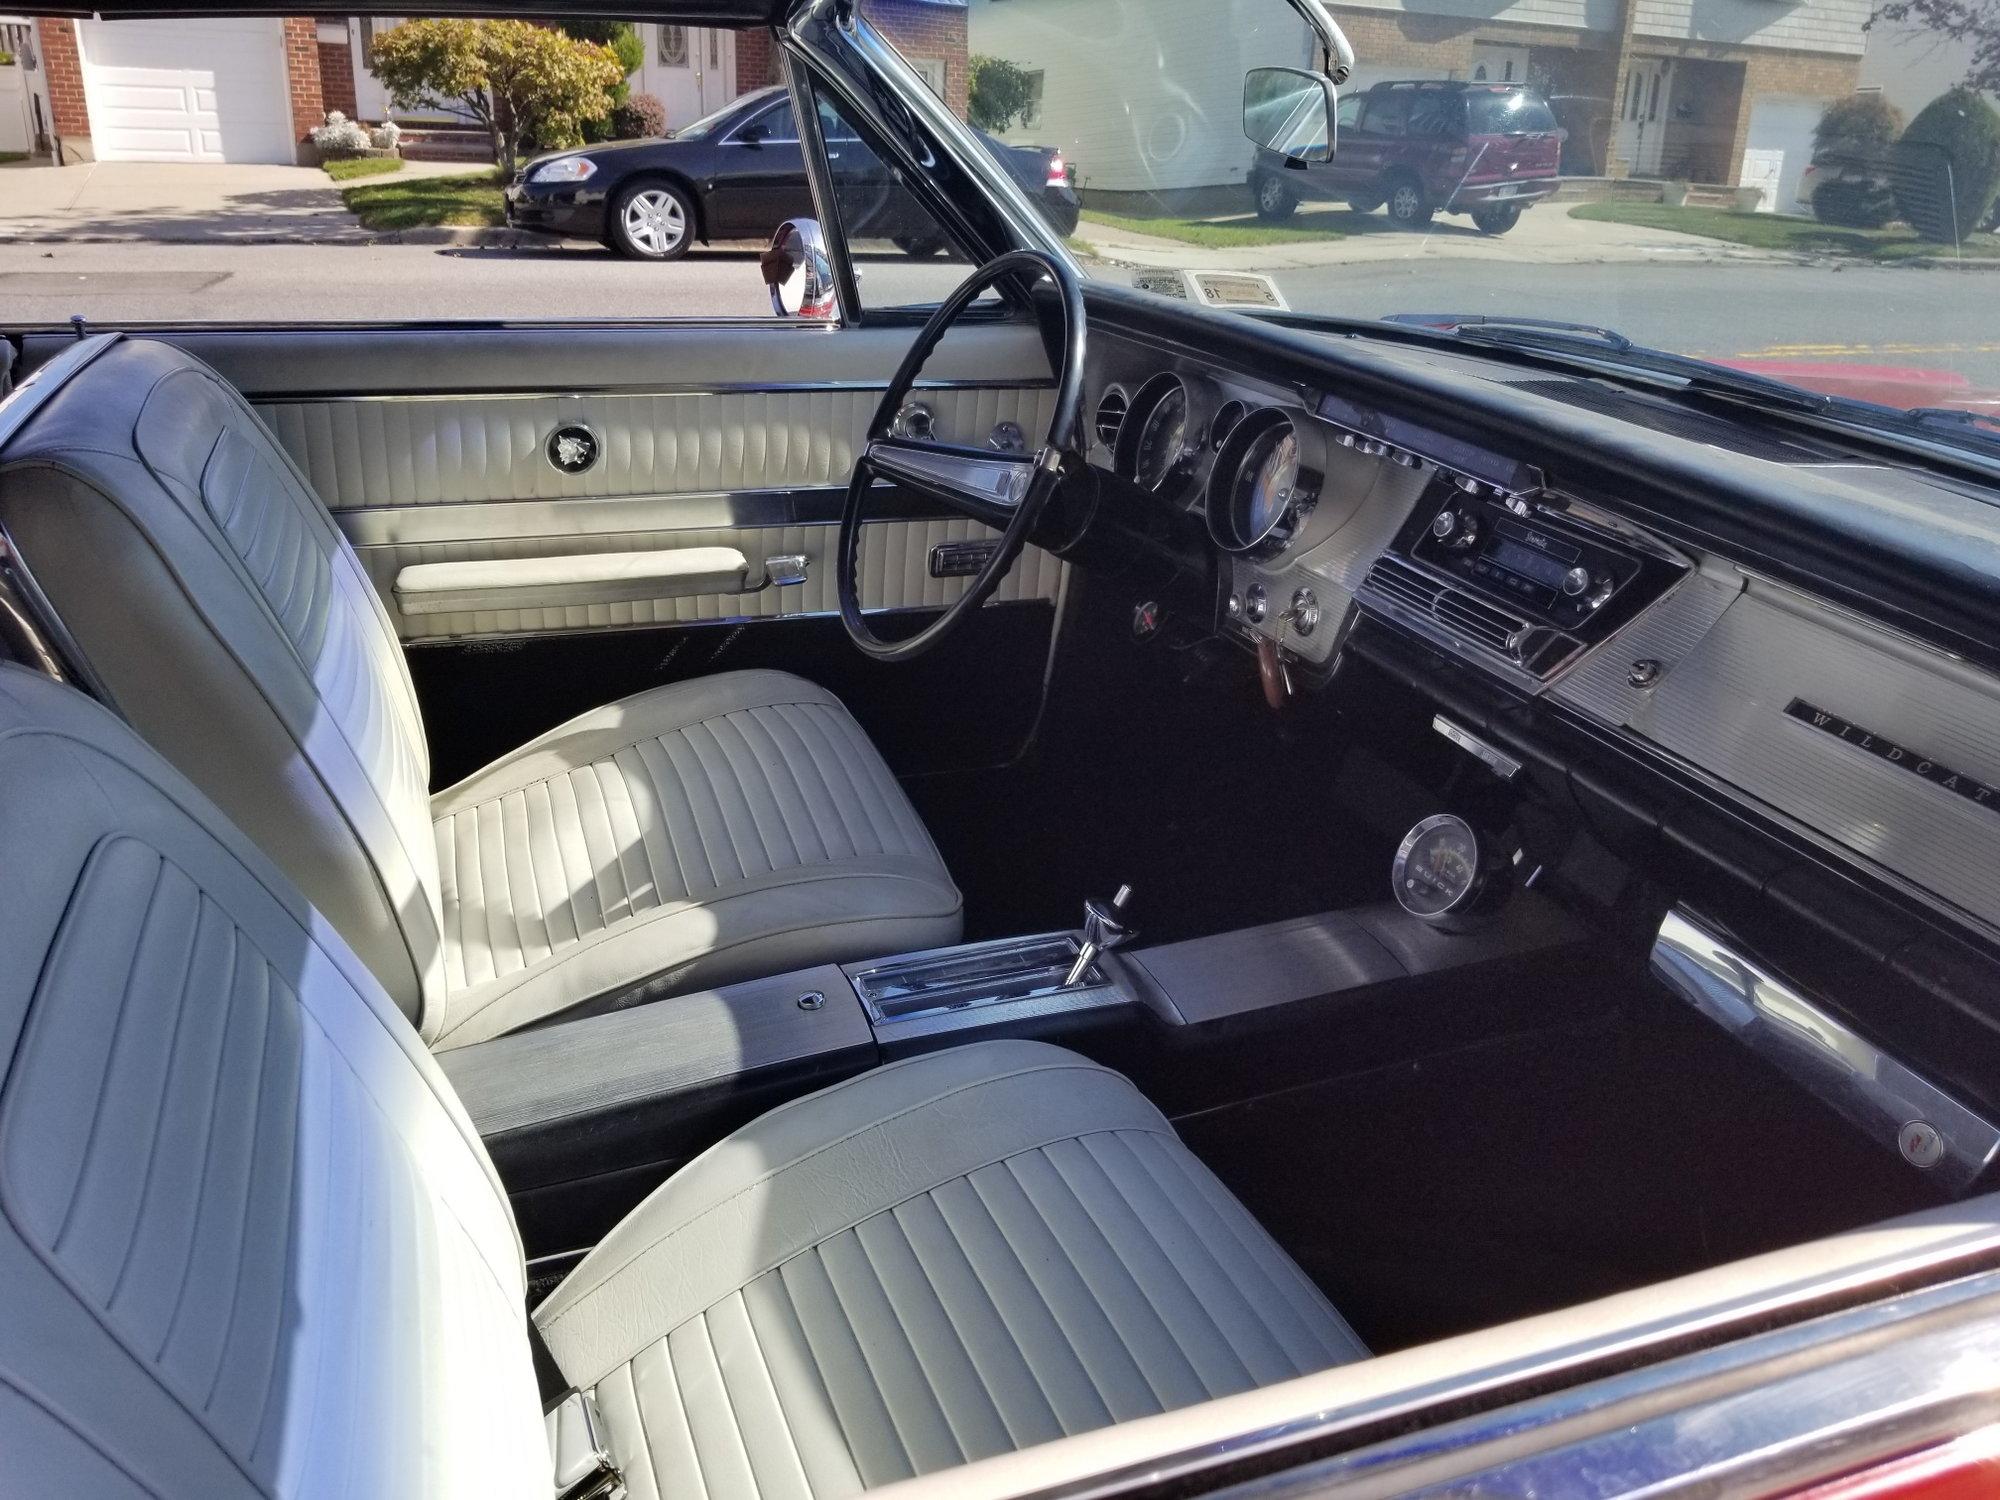 1963 buick wildcat convertible $7500 - Buick Forum - Buick